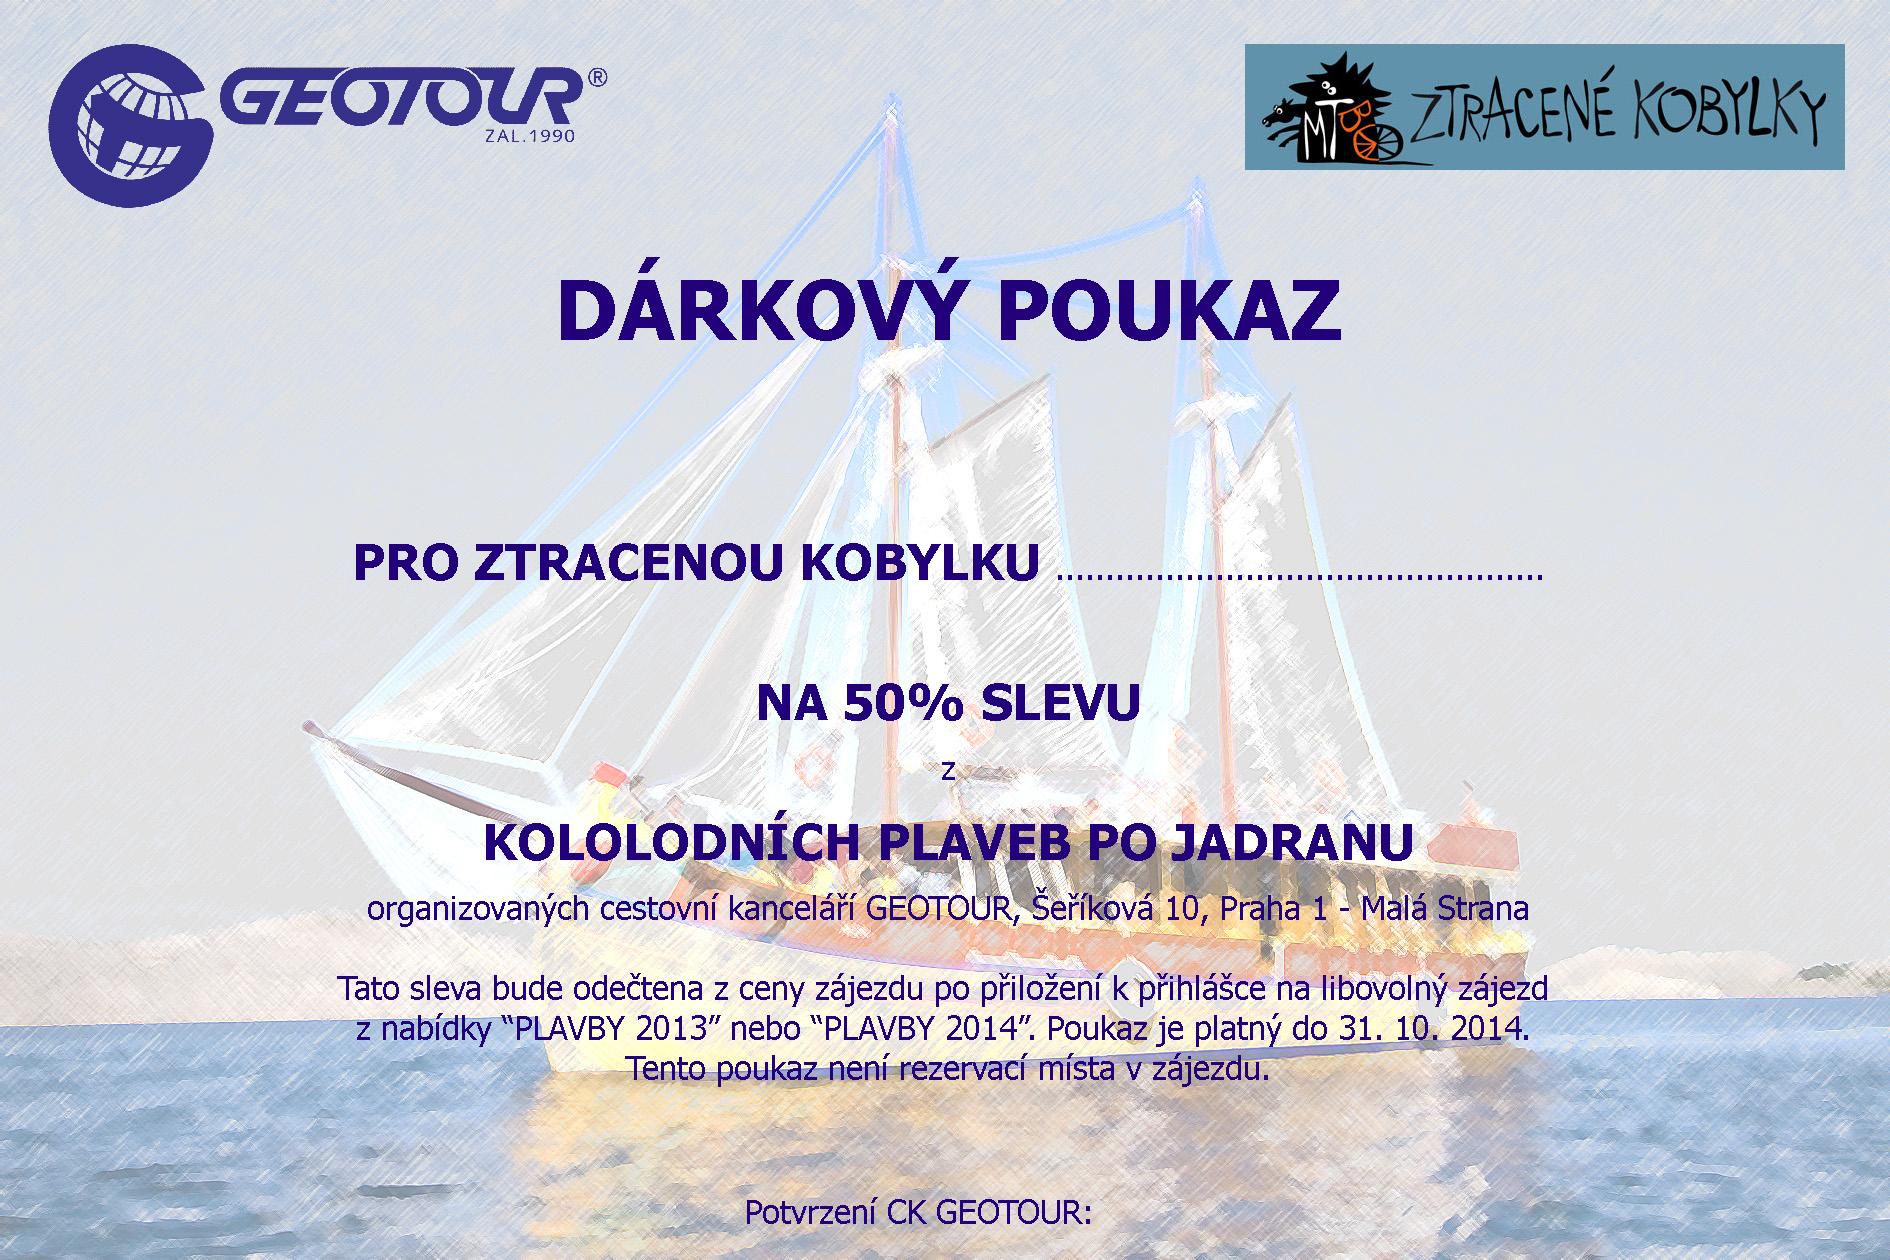 Poukaz_geotour_kobylky